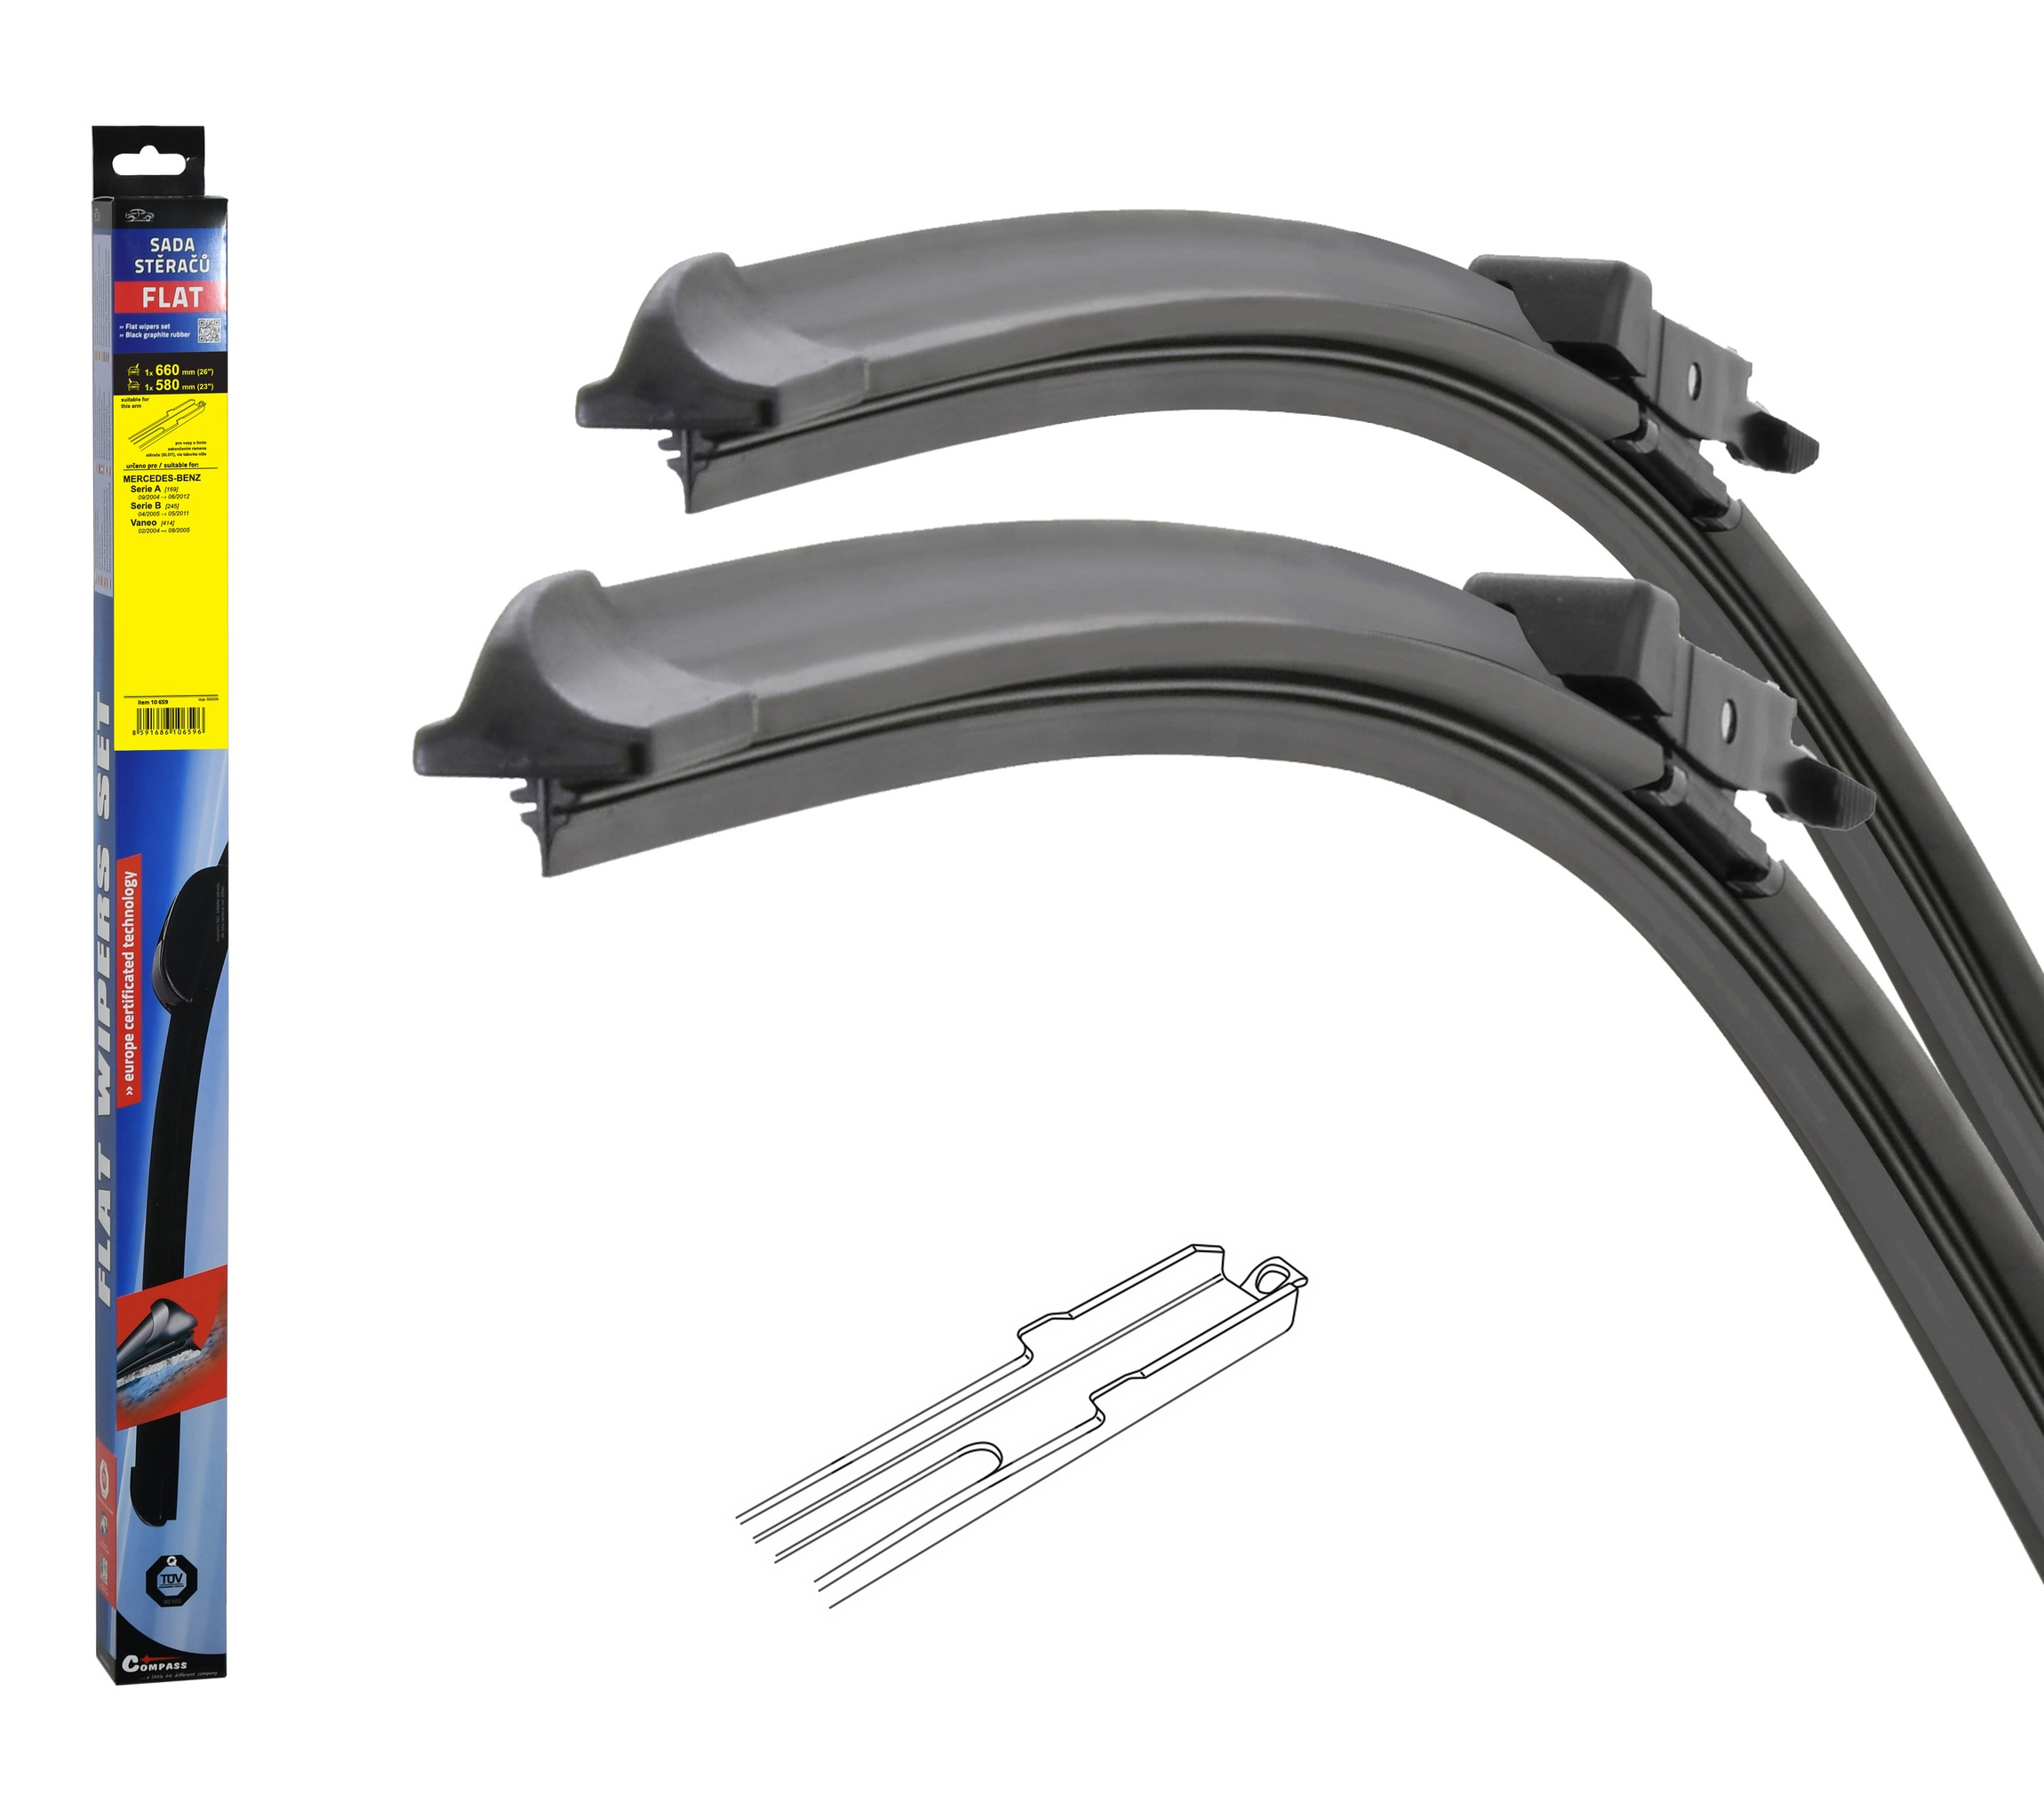 Stěrače FLAT SET (SLOT) 660+580mm